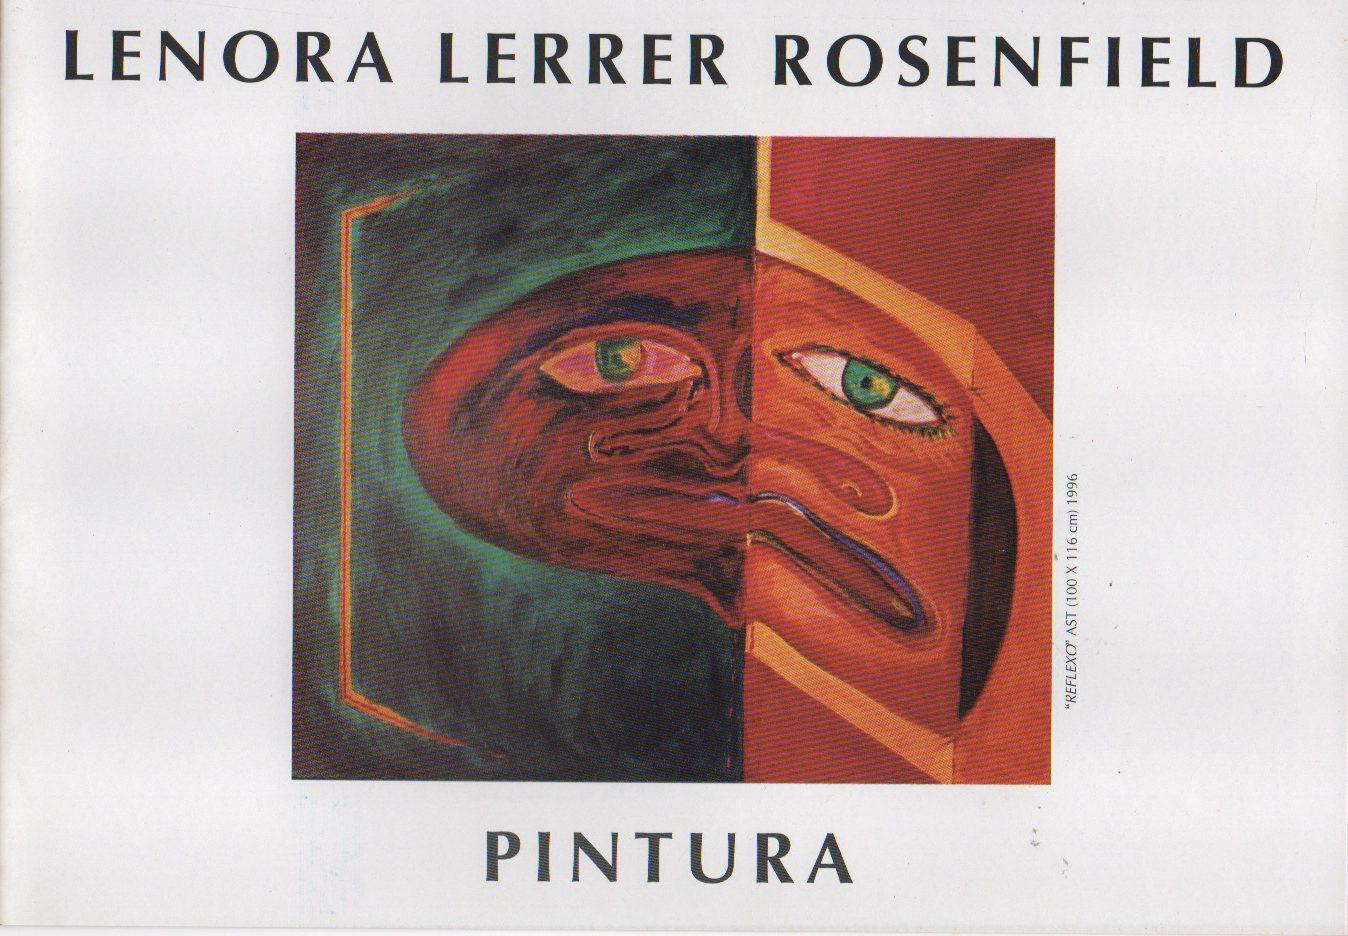 Pintura, 1996